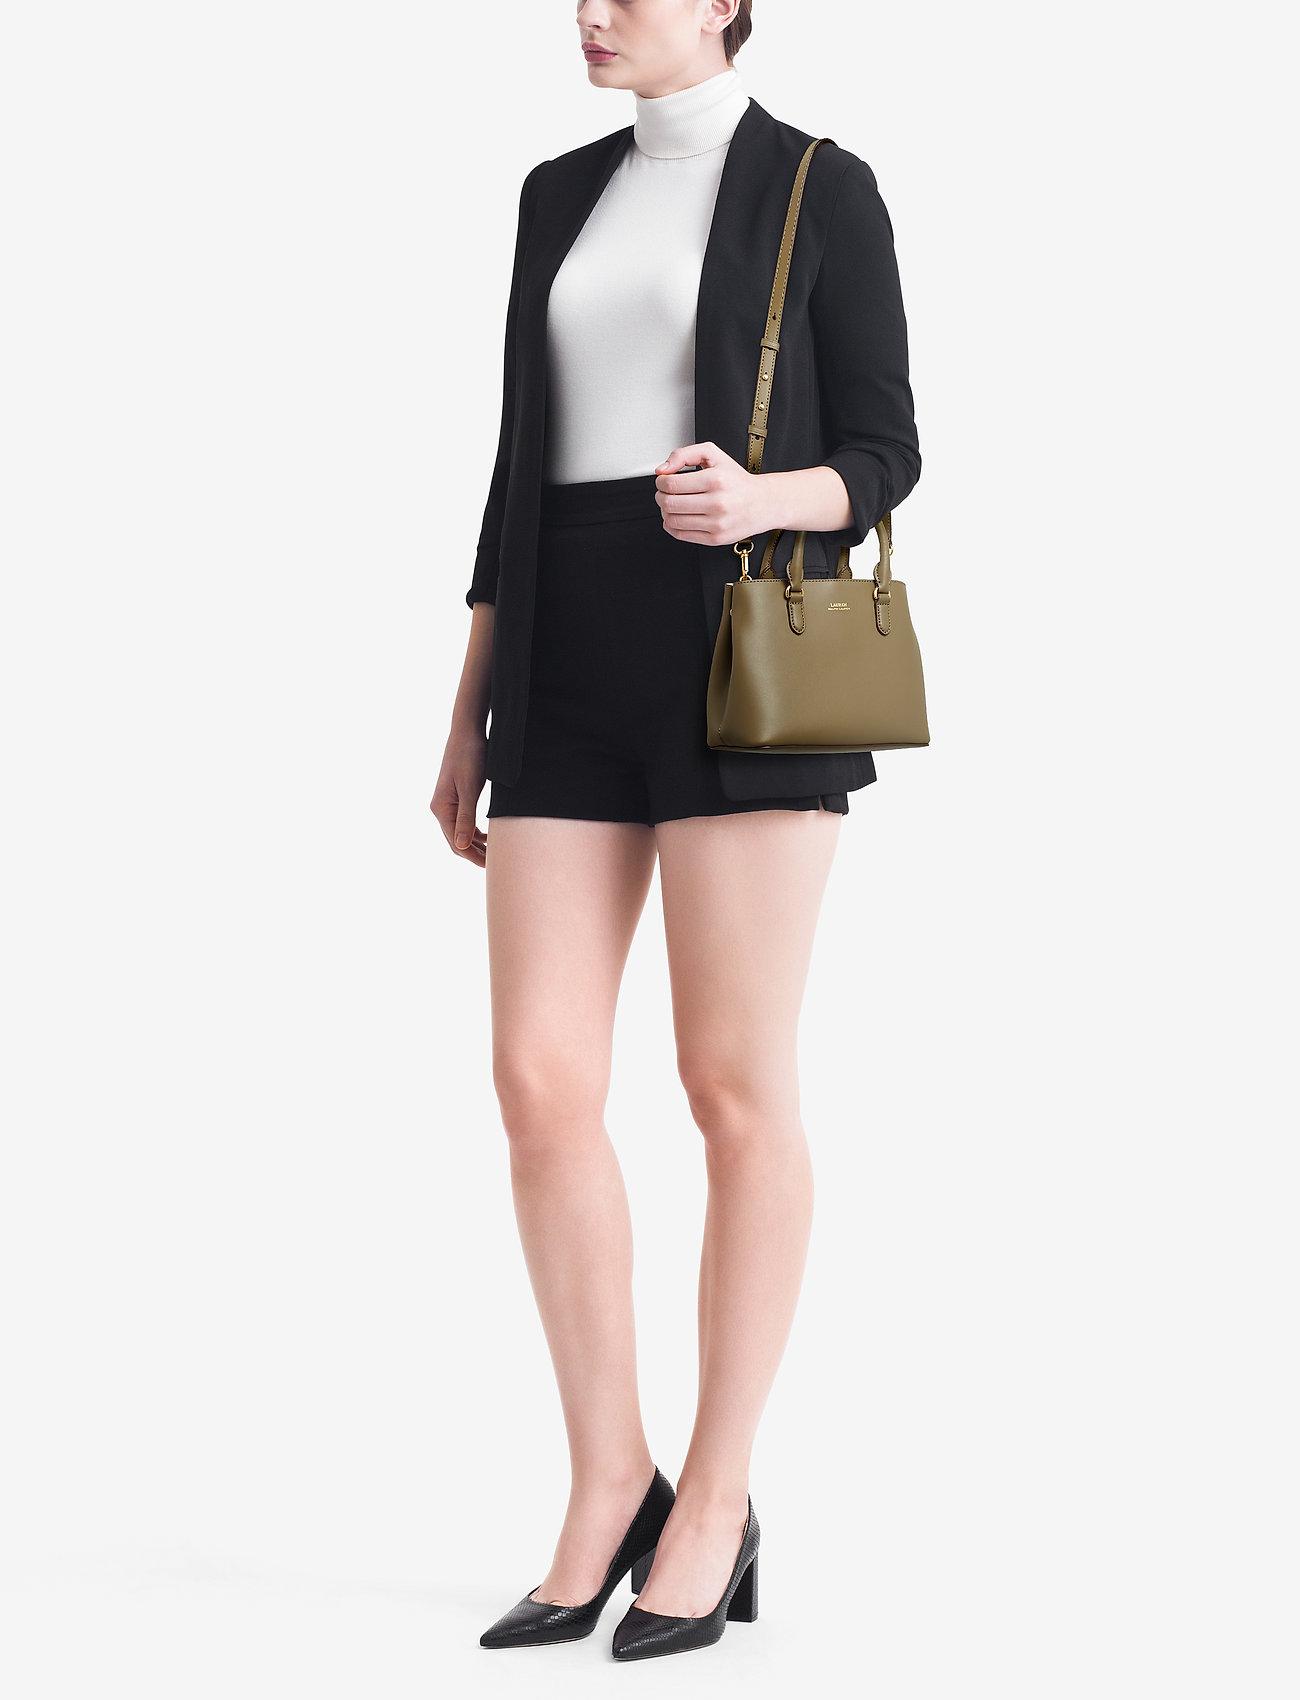 Lauren Ralph Lauren Mini Leather Satchel - SAGE/VANILLA